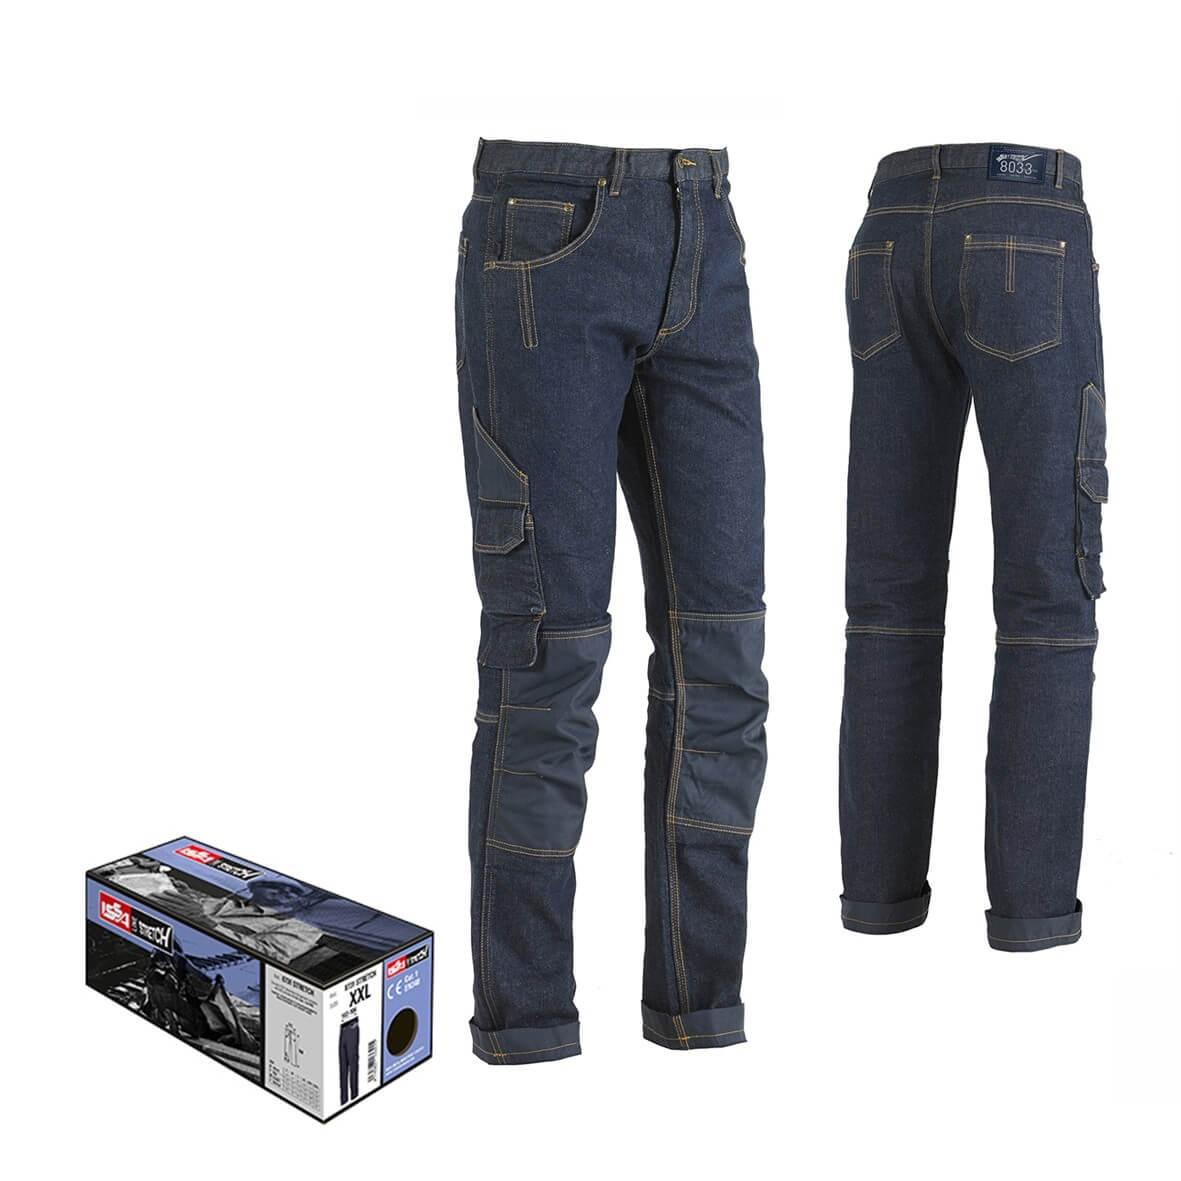 Jeans da lavoro Multitasche Elasticizzato MINER 8033 ISSA LINE Uomo Cotone Stretch